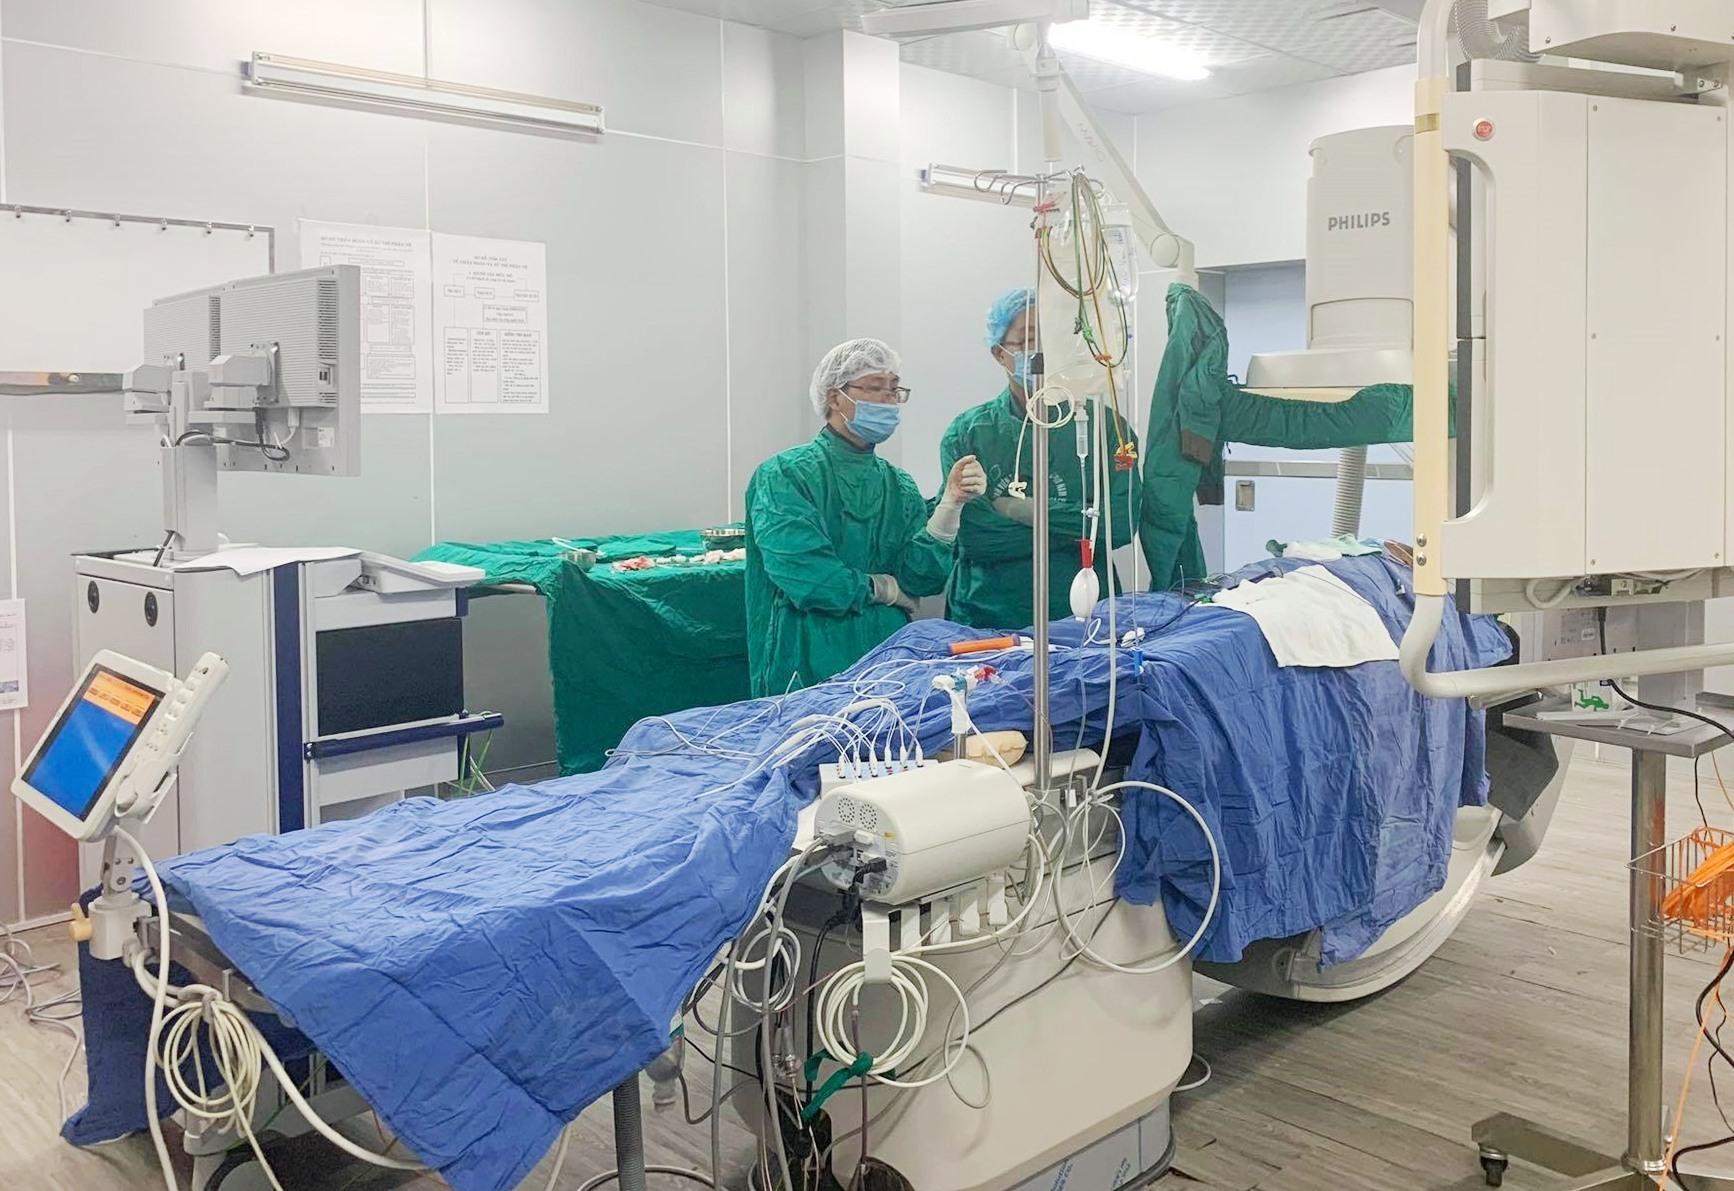 Bệnh nhân được điều trị hội chứng Wolf-Parkinson-White tại BV Đa khoa khu vực miền núi phía Bắc Quảng Nam. Ảnh: T.M